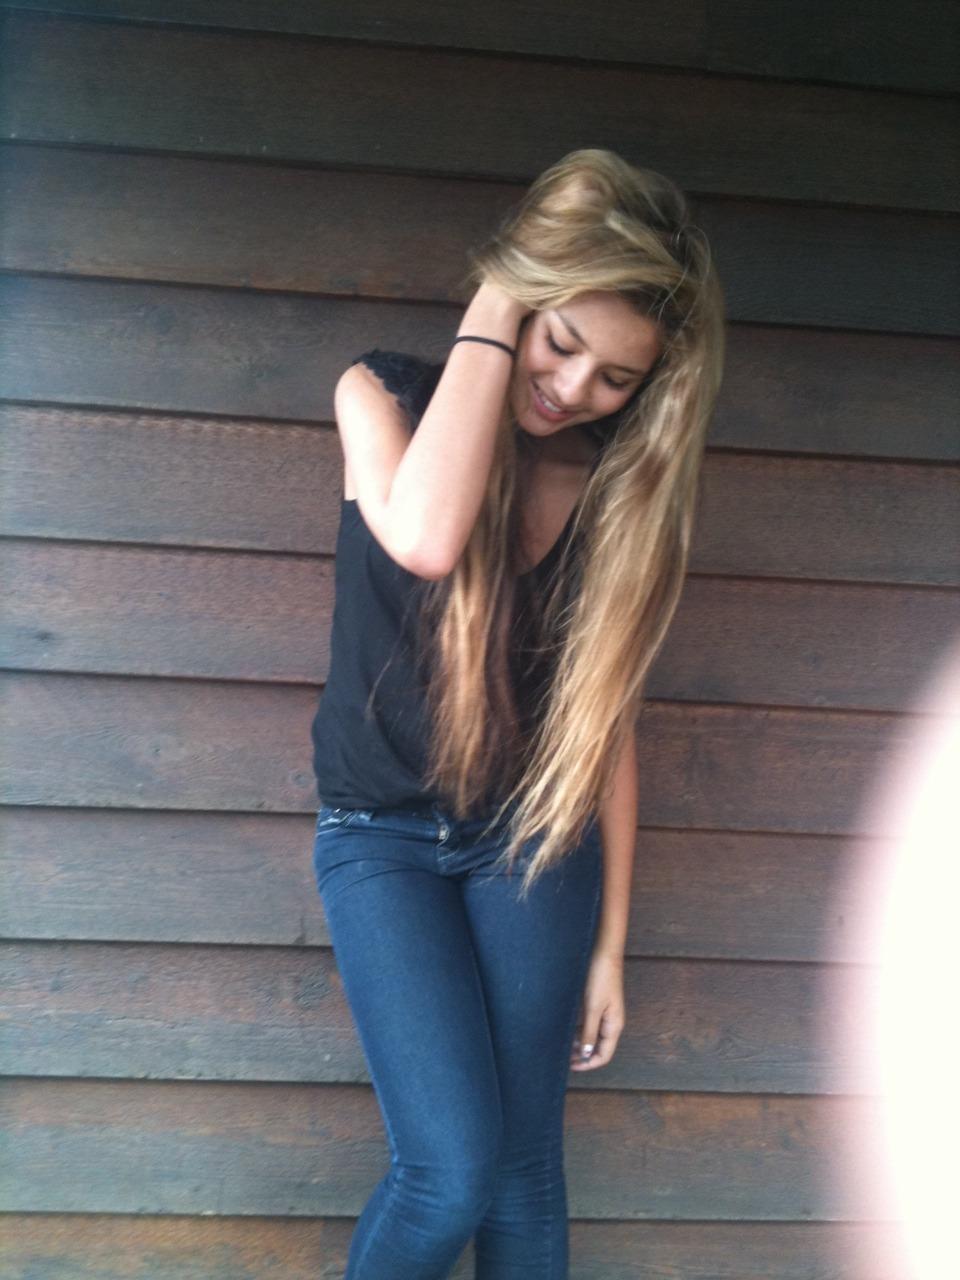 Фото девушек для 18 лет 7 фотография